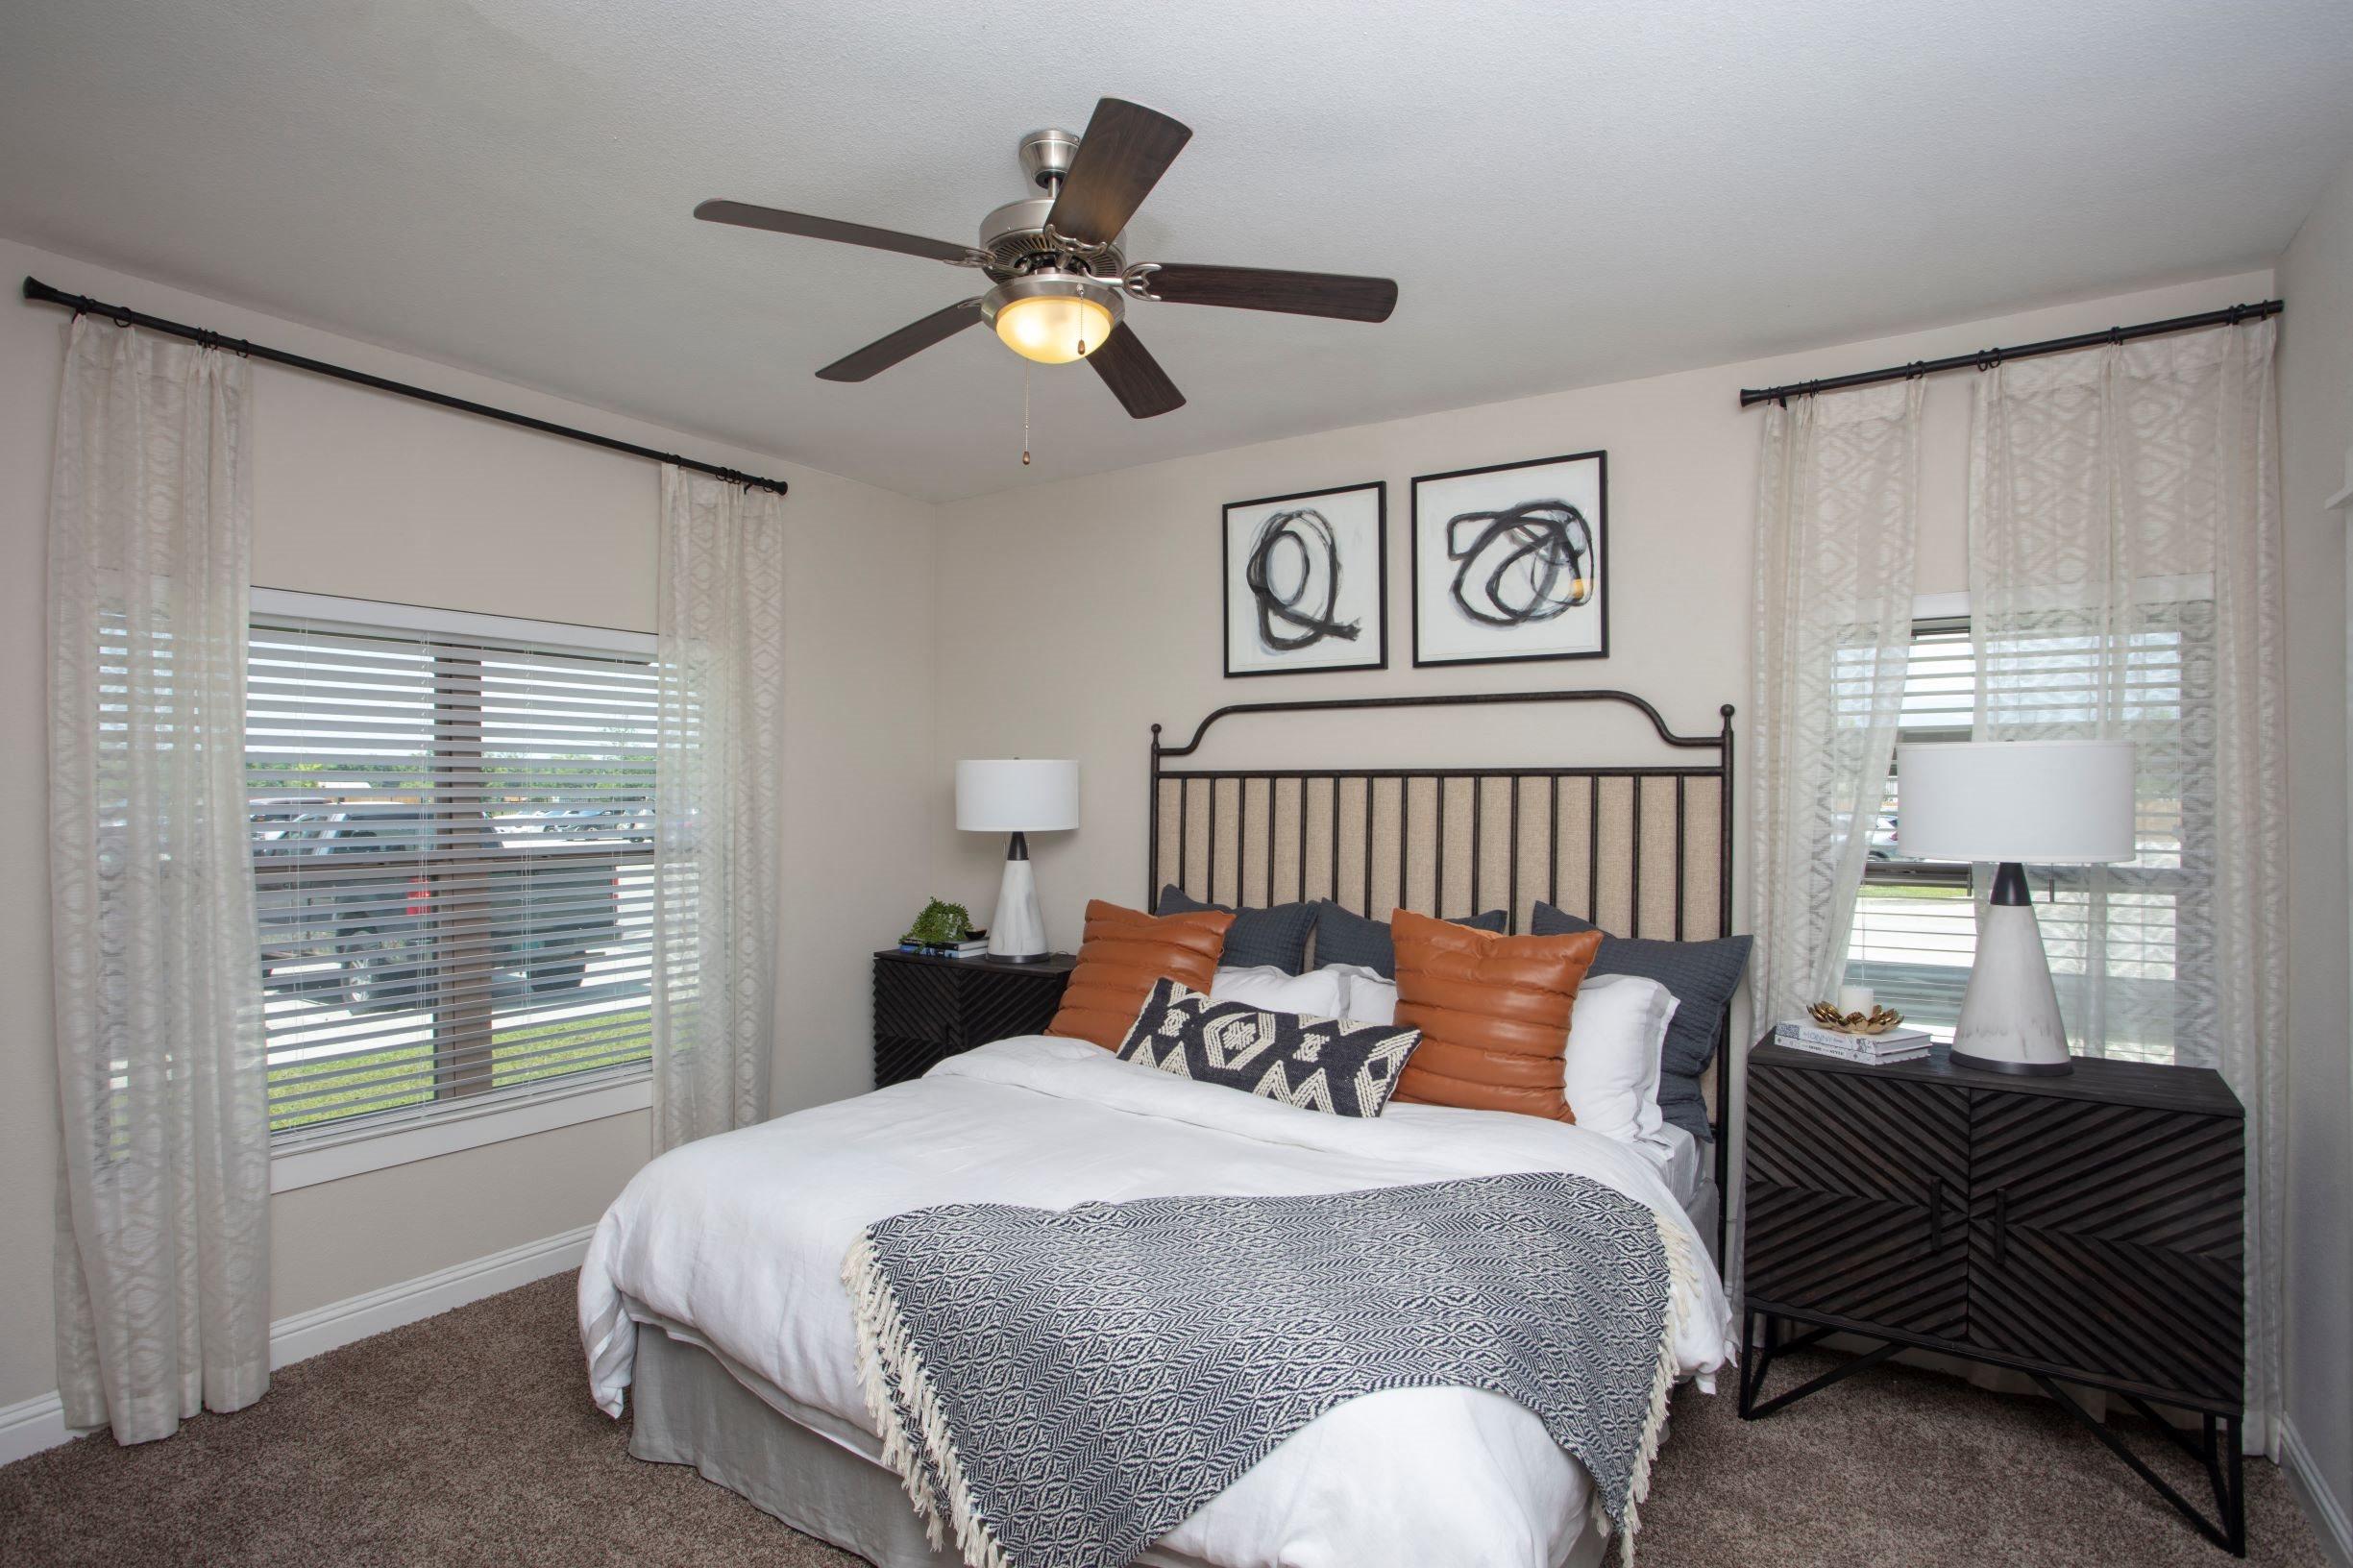 Bedroom at Legacy at 2020